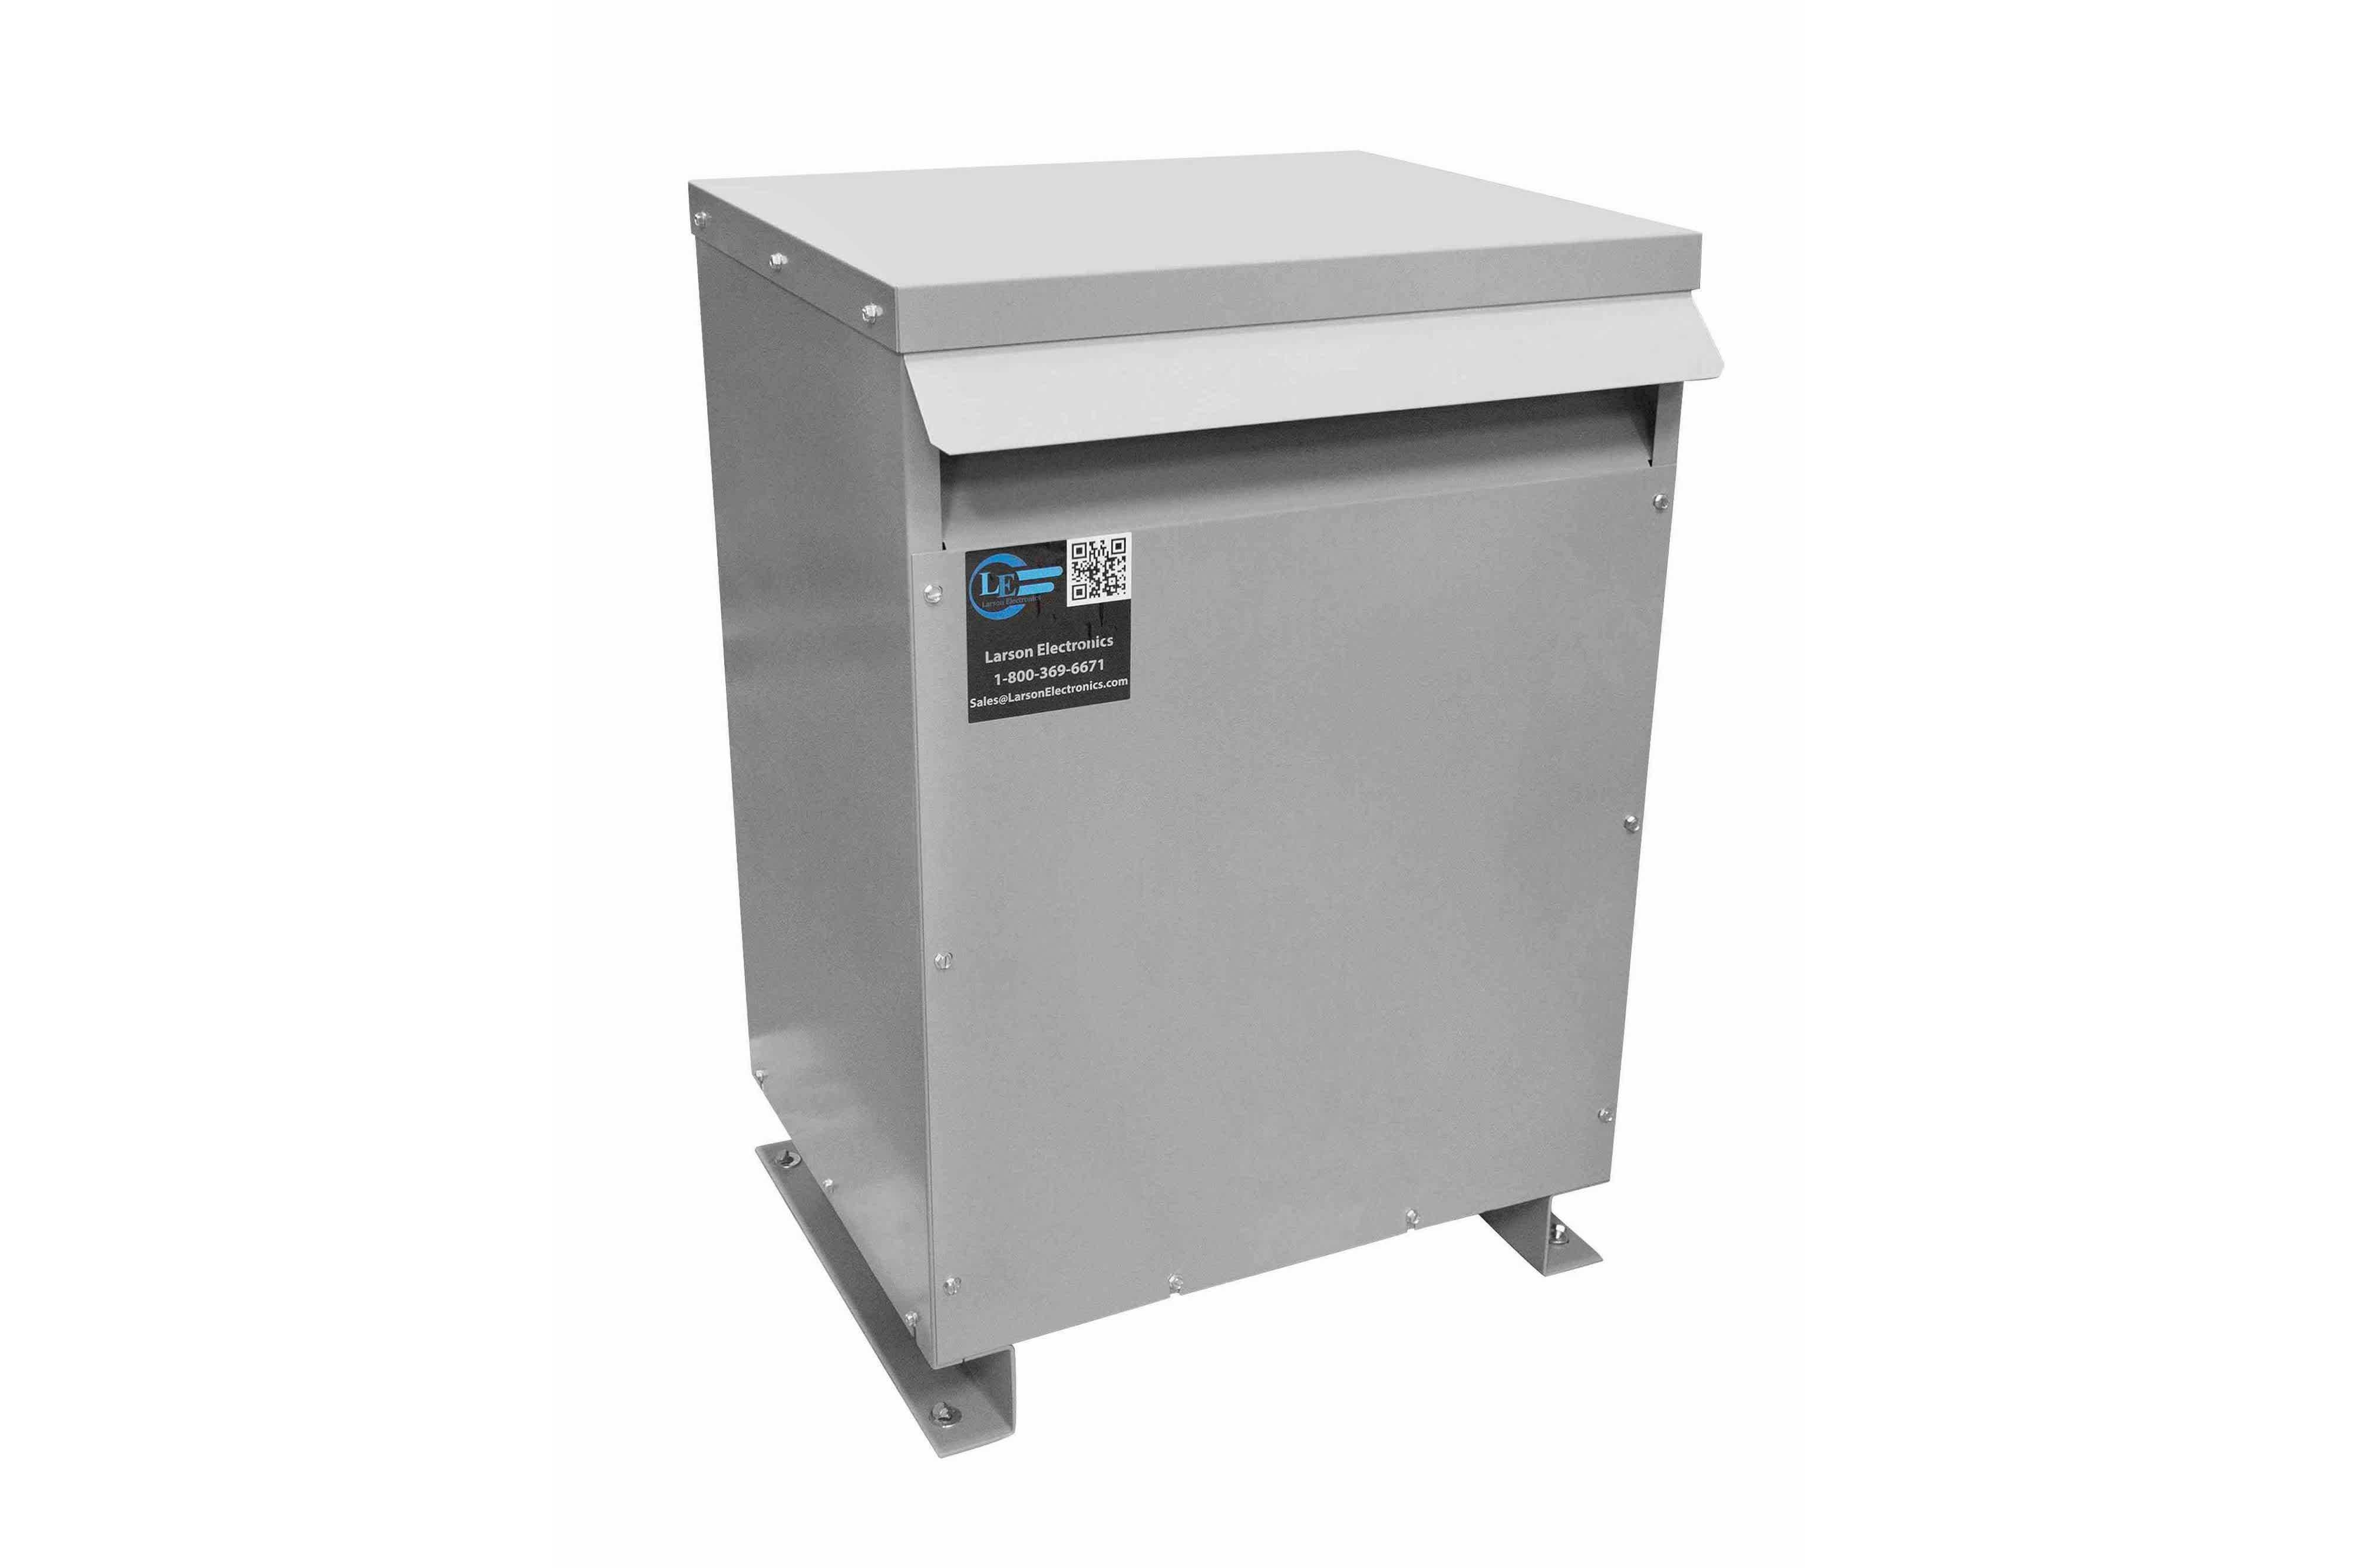 55 kVA 3PH Isolation Transformer, 600V Delta Primary, 380V Delta Secondary, N3R, Ventilated, 60 Hz